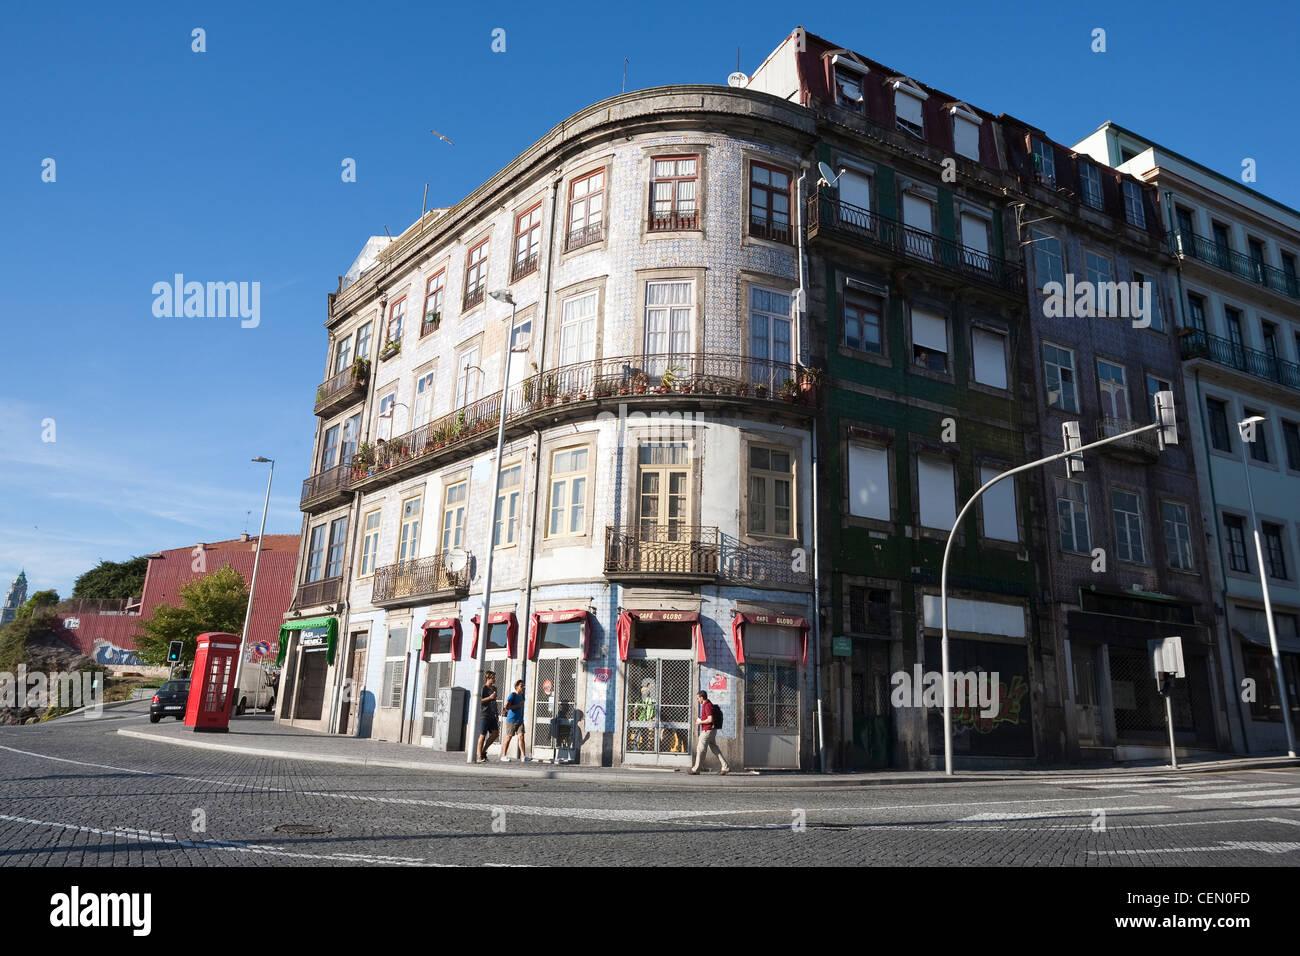 Street scene near the Porto Cathedral - Porto, Porto District, Norte Region, Portugal - Stock Image